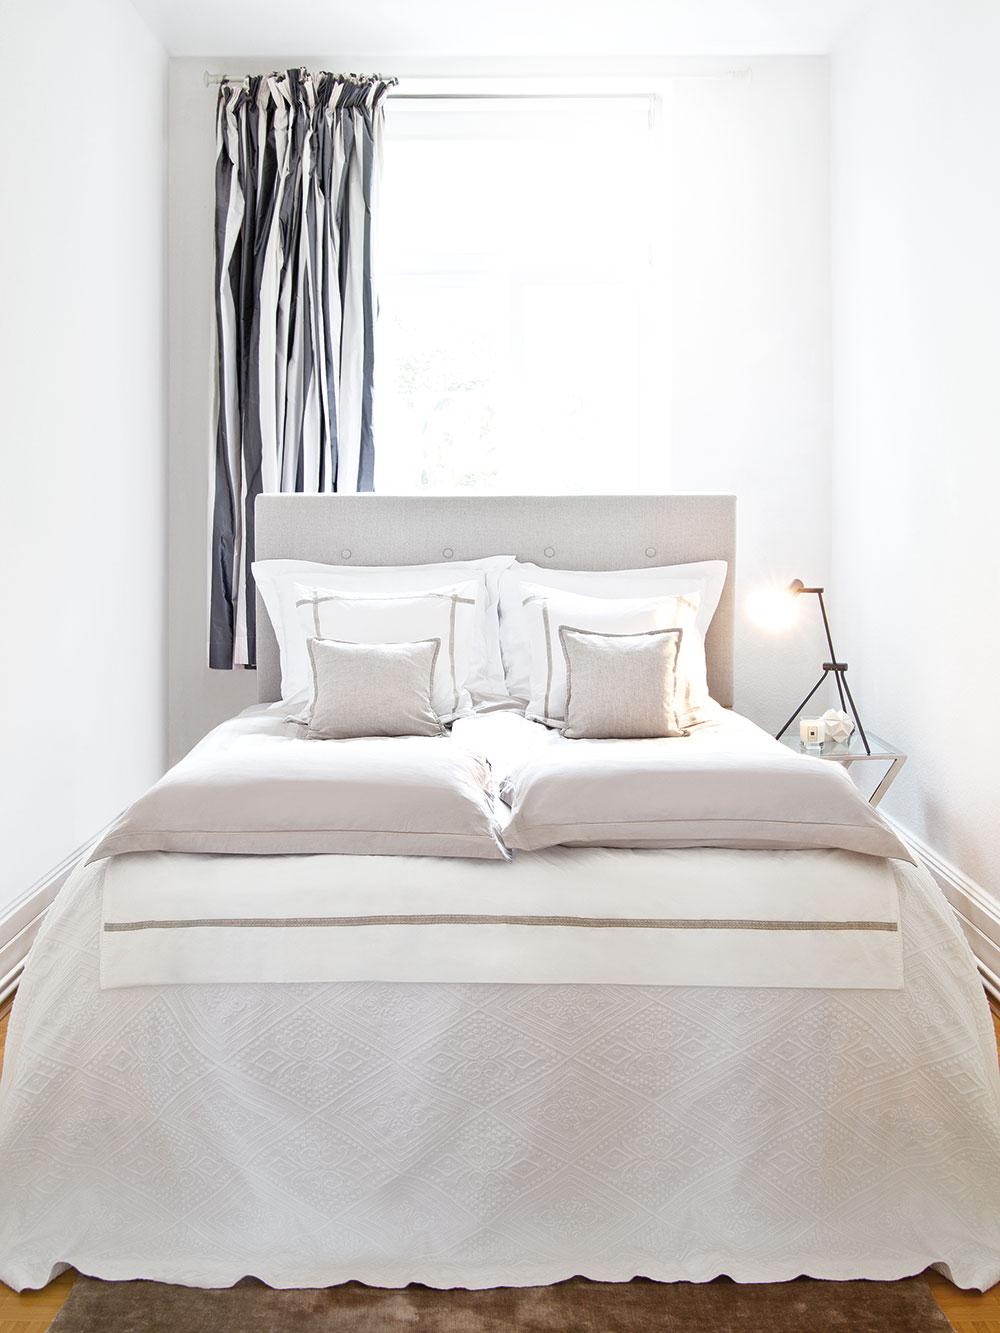 Ložnici připadla nejmenší místnost v bytě. Bílá a krémová zde byly díky malinkému prostoru jedinou variantou. FOTO WESTWING